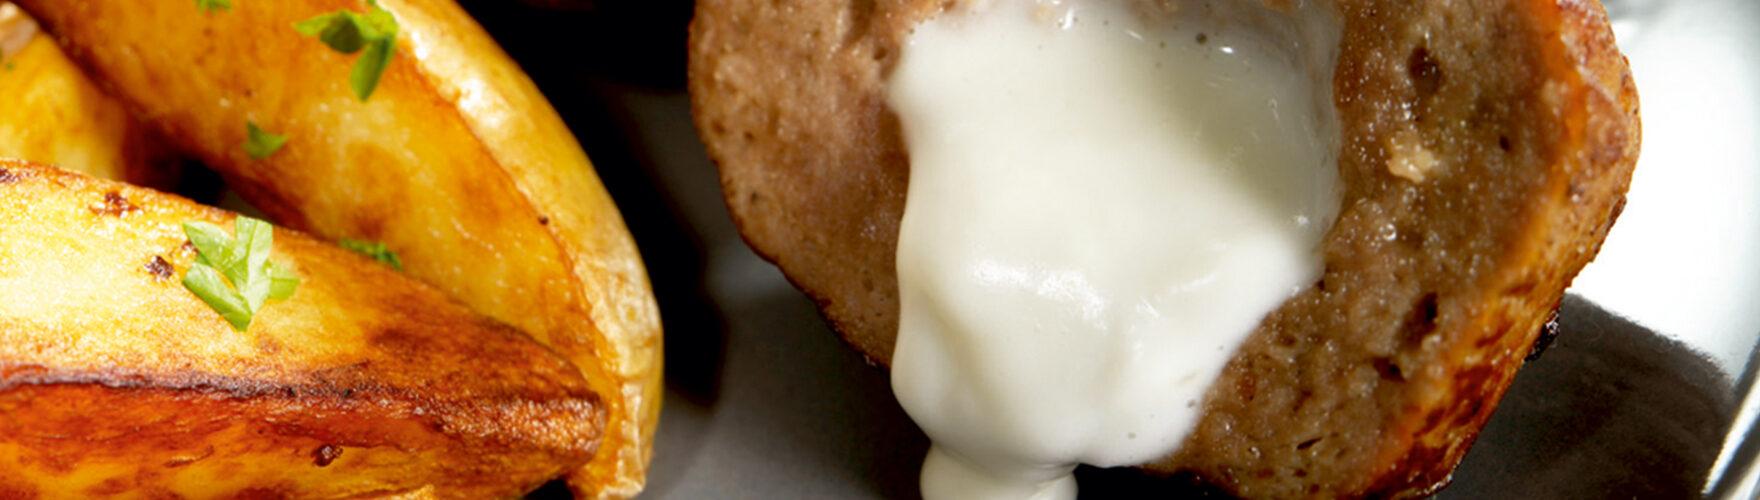 Almôndegas recheadas com queijo azul e compota de figo